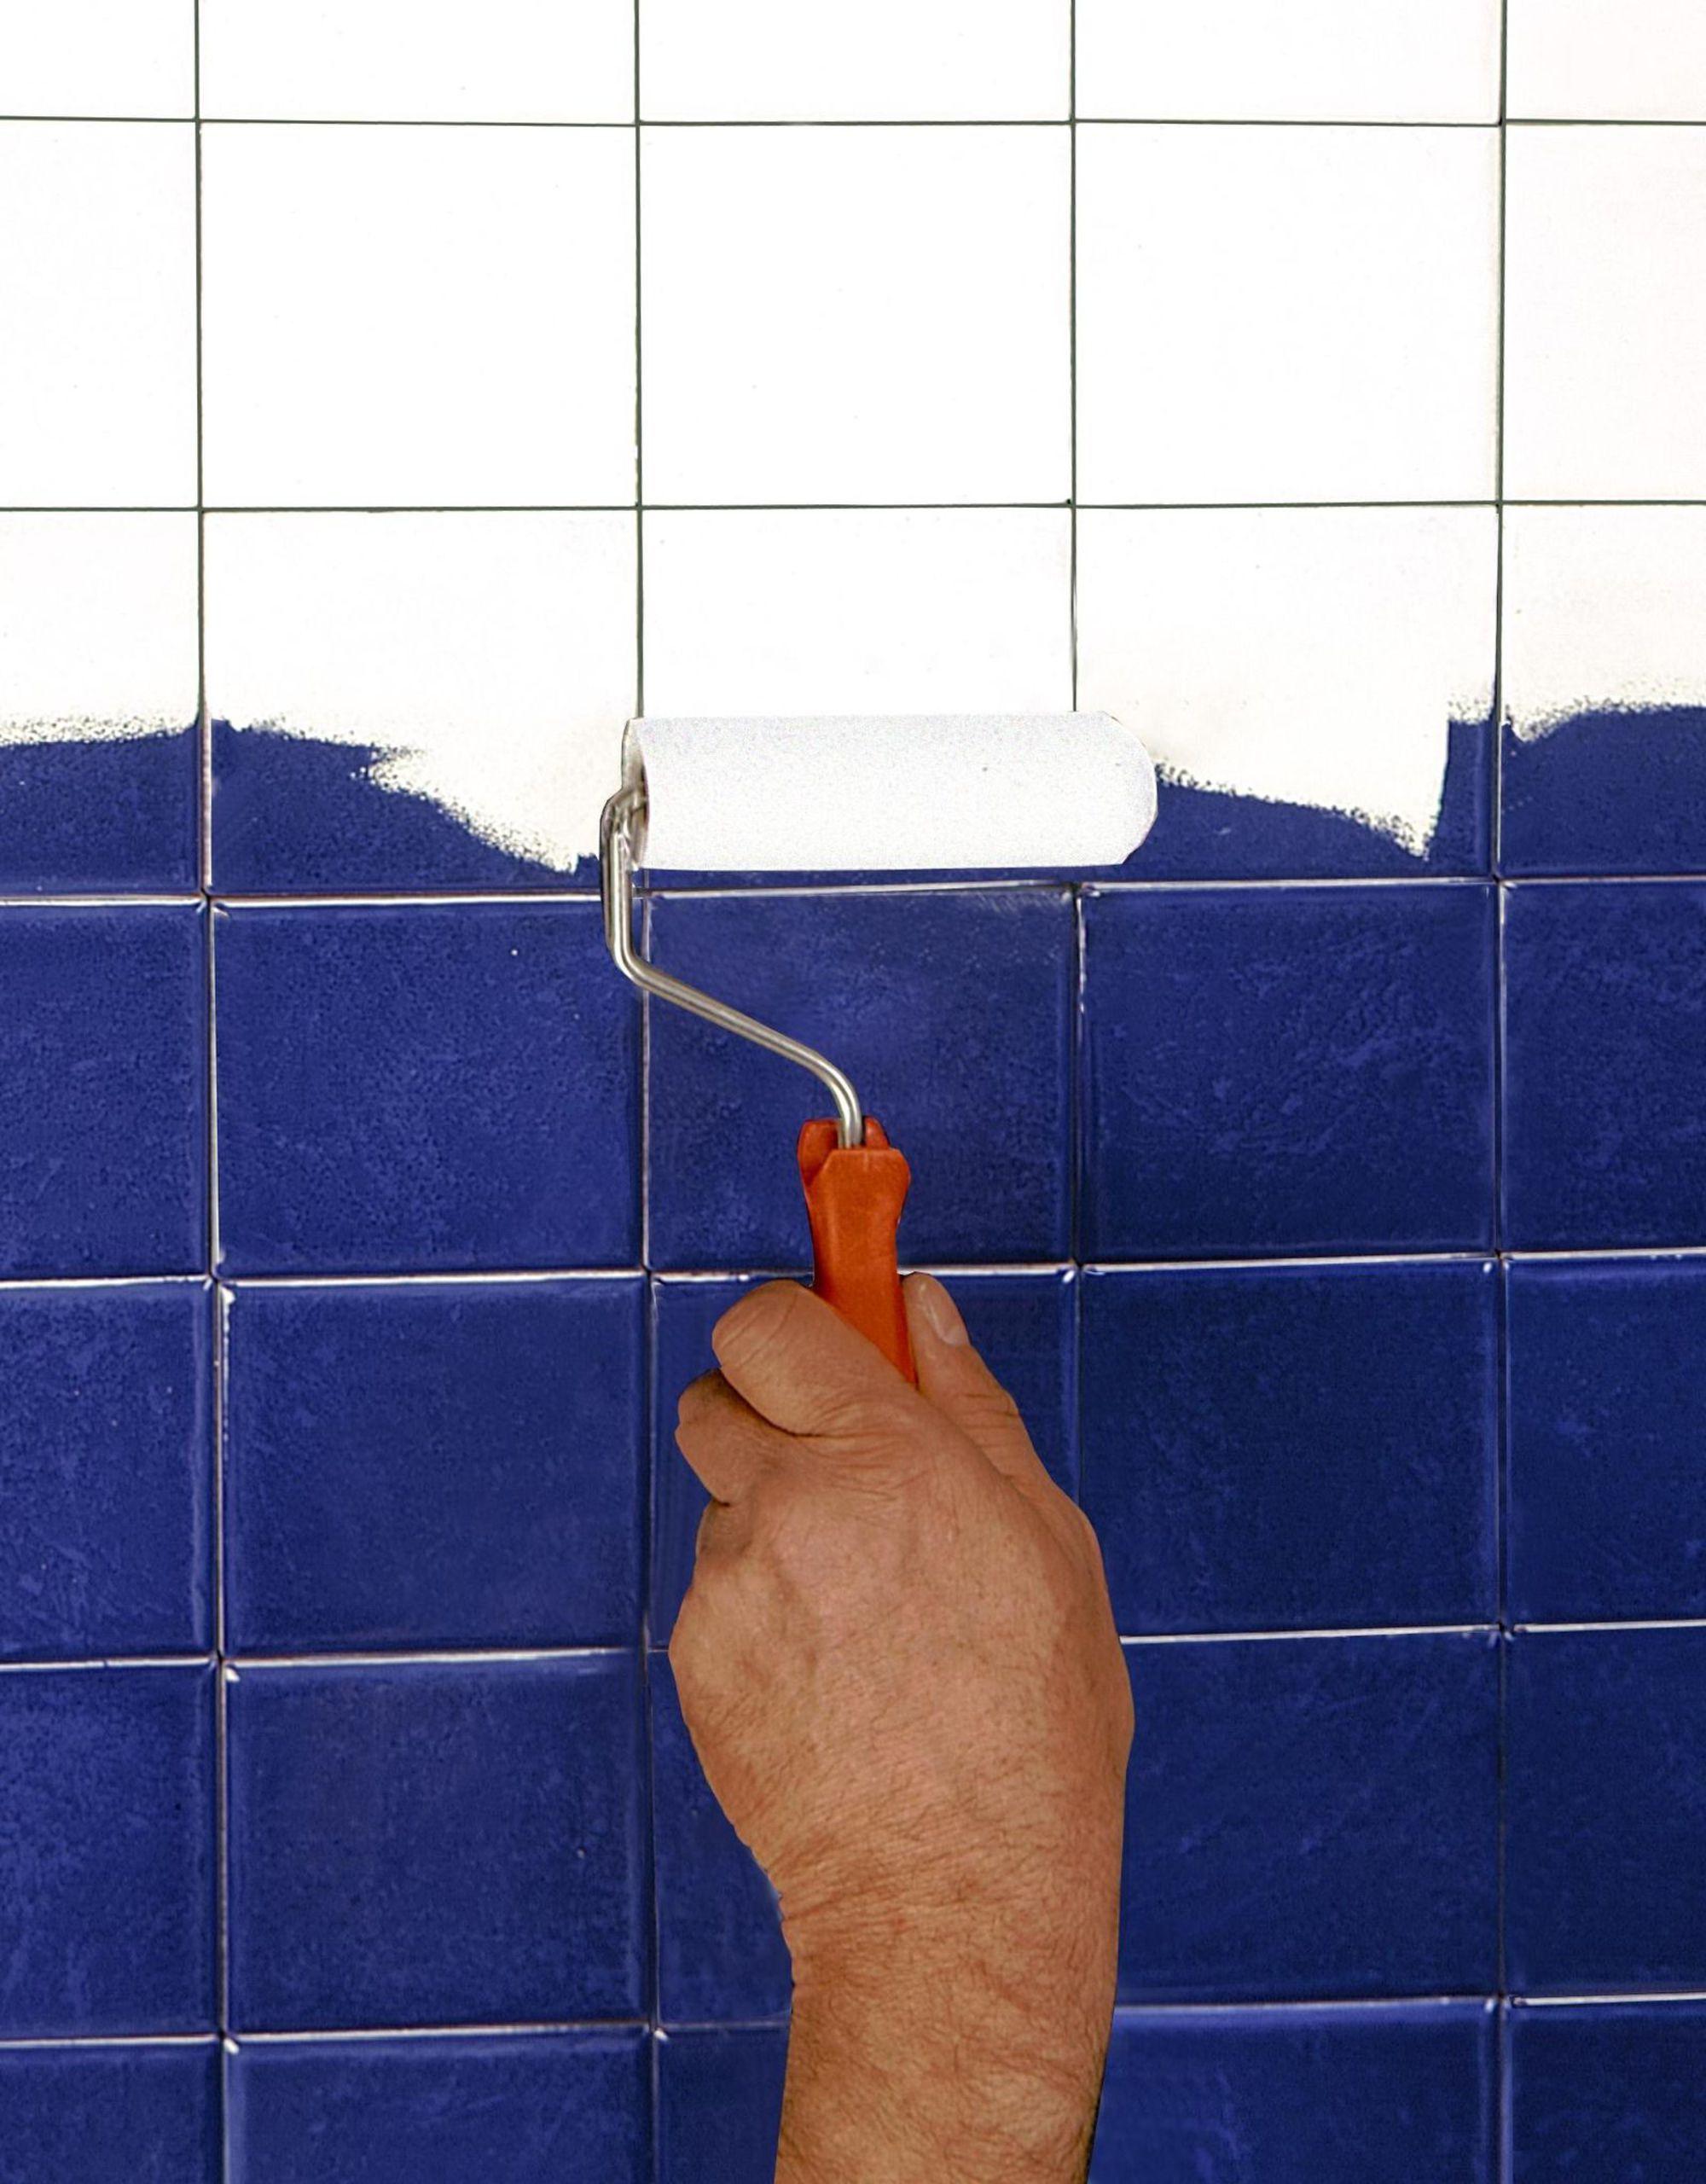 Repeindre Carrelage Salle De Bain Les Erreurs à éviter Avec La - Peinture sous couche carrelage